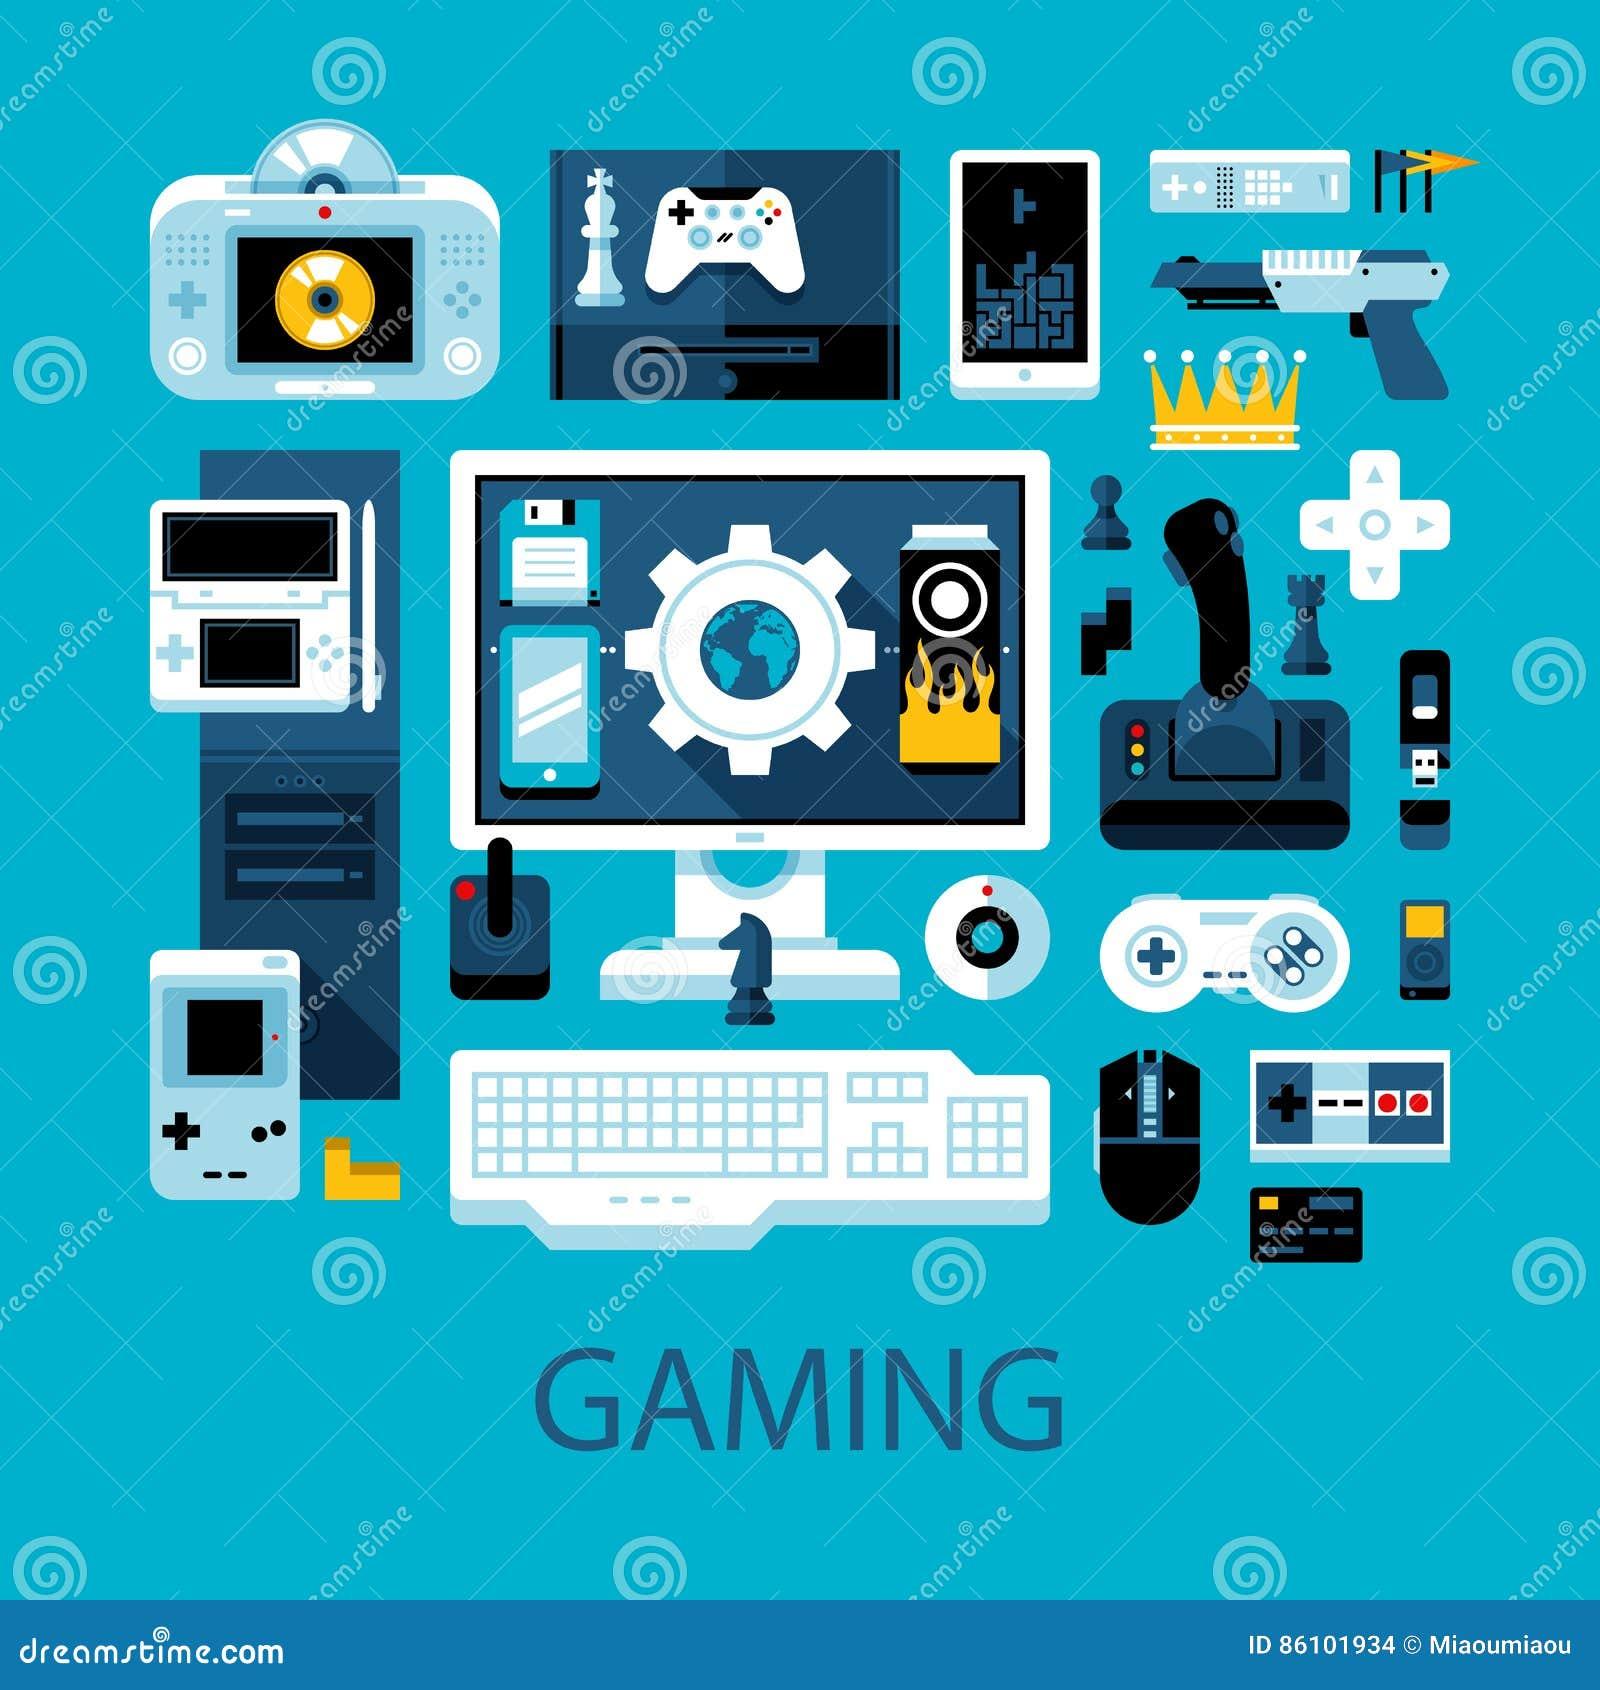 Flache bunte Illustration über Videospiele, Gamers und elektronische Unterhaltung